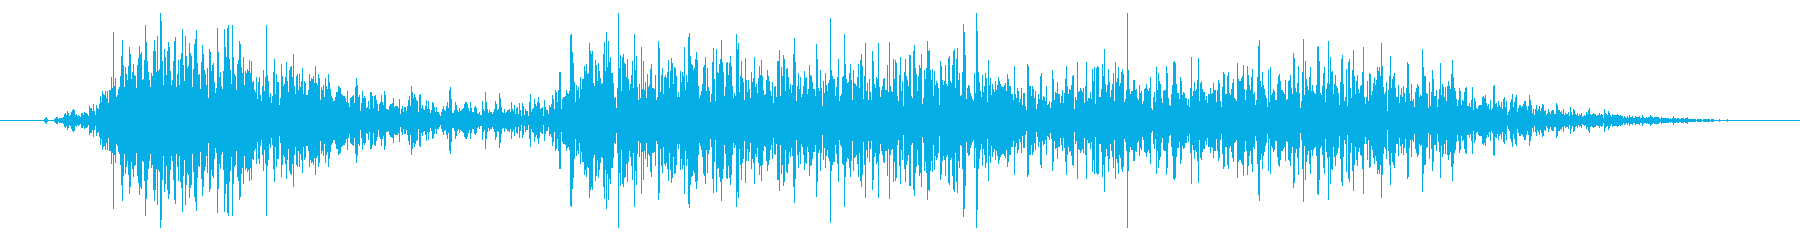 フライング ドラゴン コンテニュー時の再生済みの波形